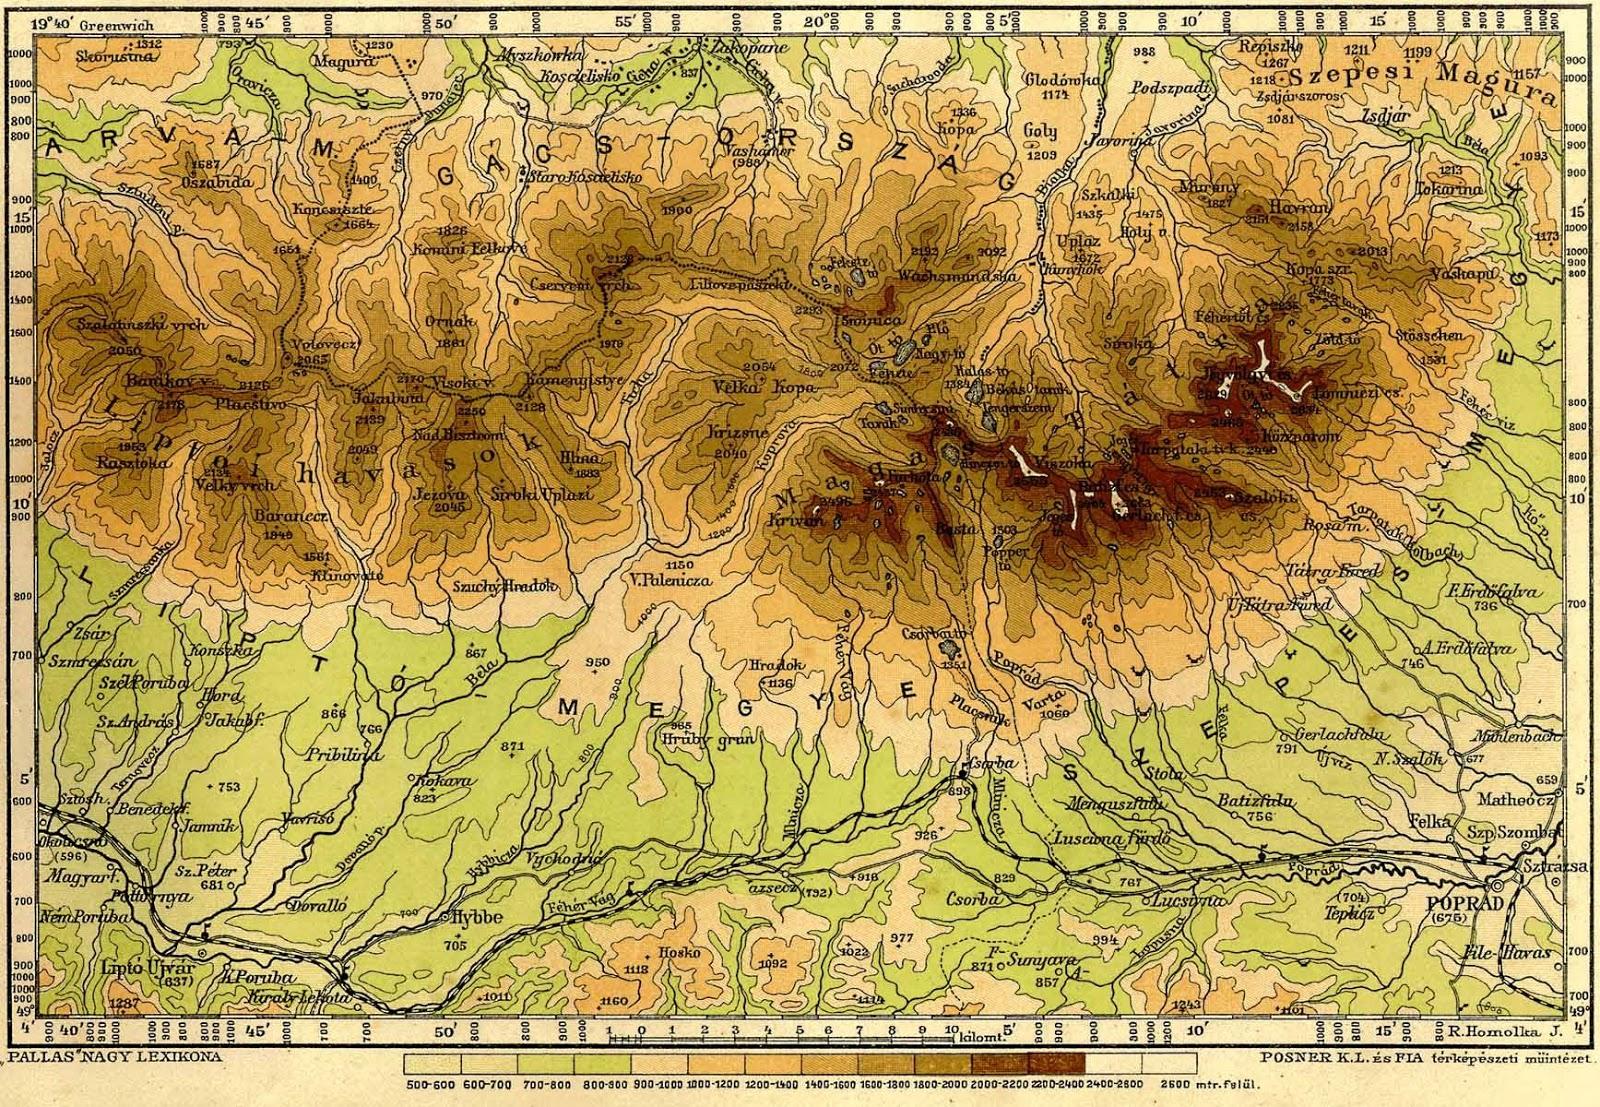 magas tátra térkép magas tatra.info: Tátra térkép – Pallas Nagy Lexikona magas tátra térkép